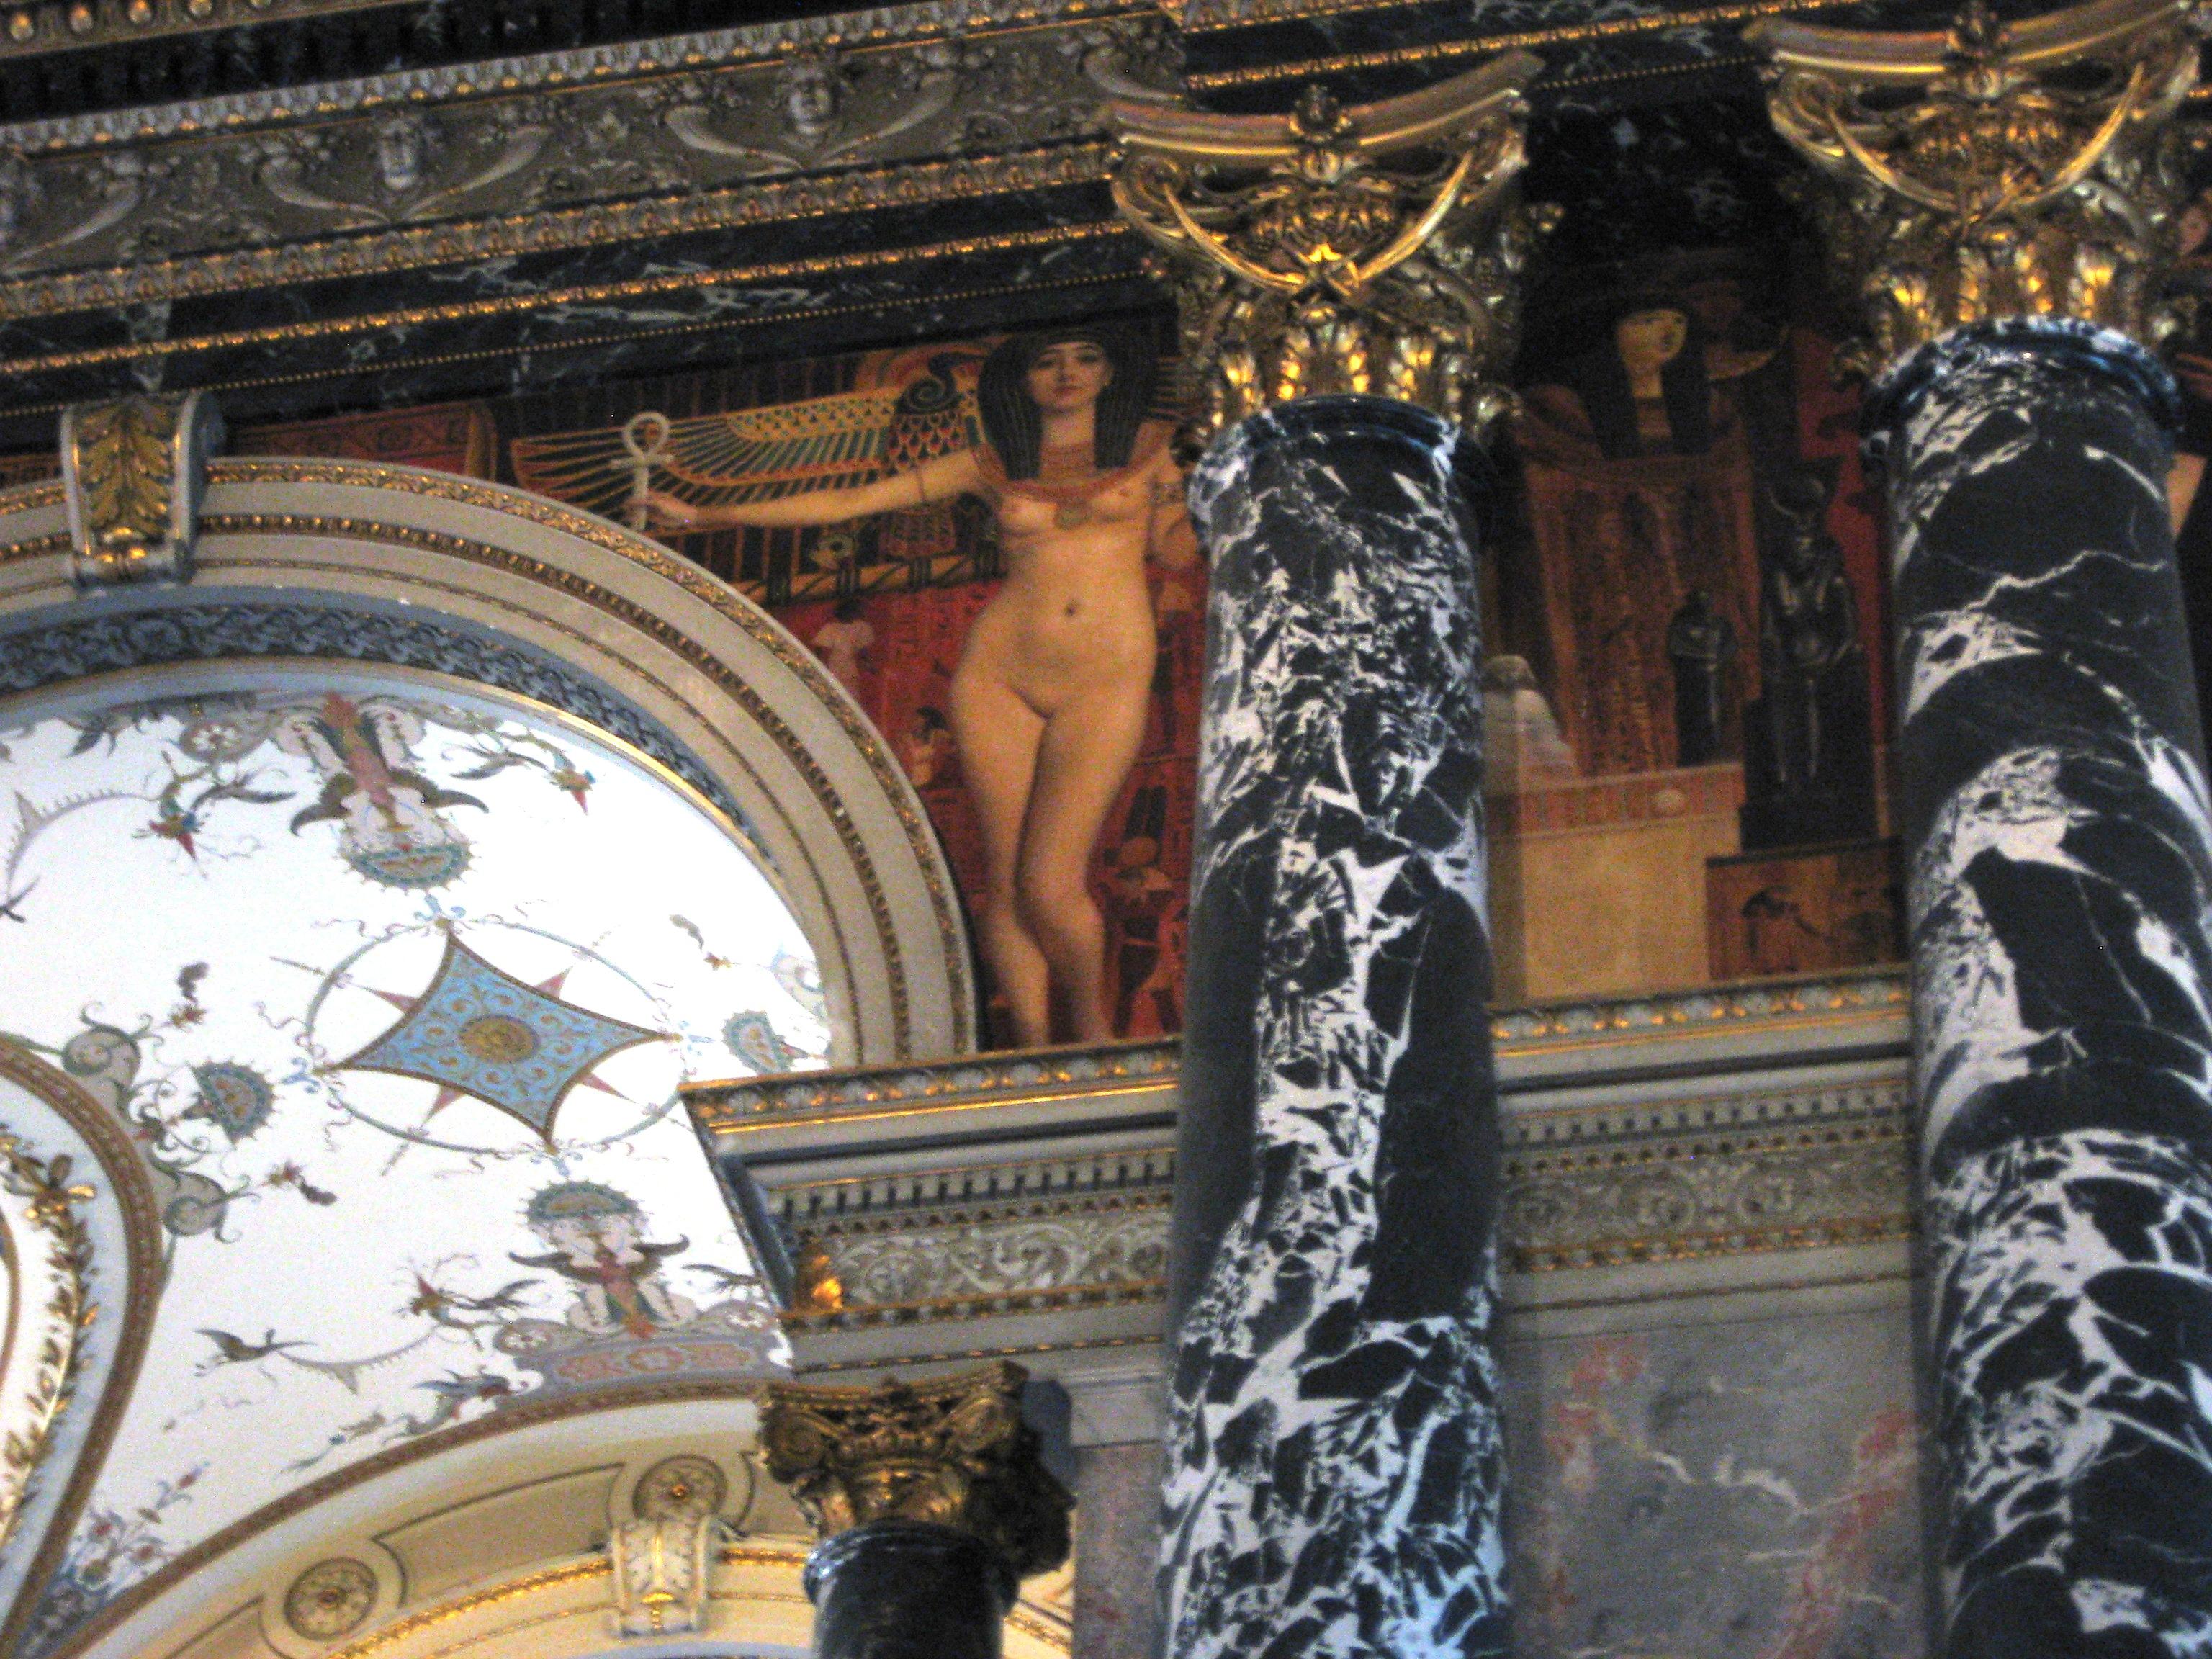 Gustav_Klimt_-_Aegypten_-_Kunsthistorisc